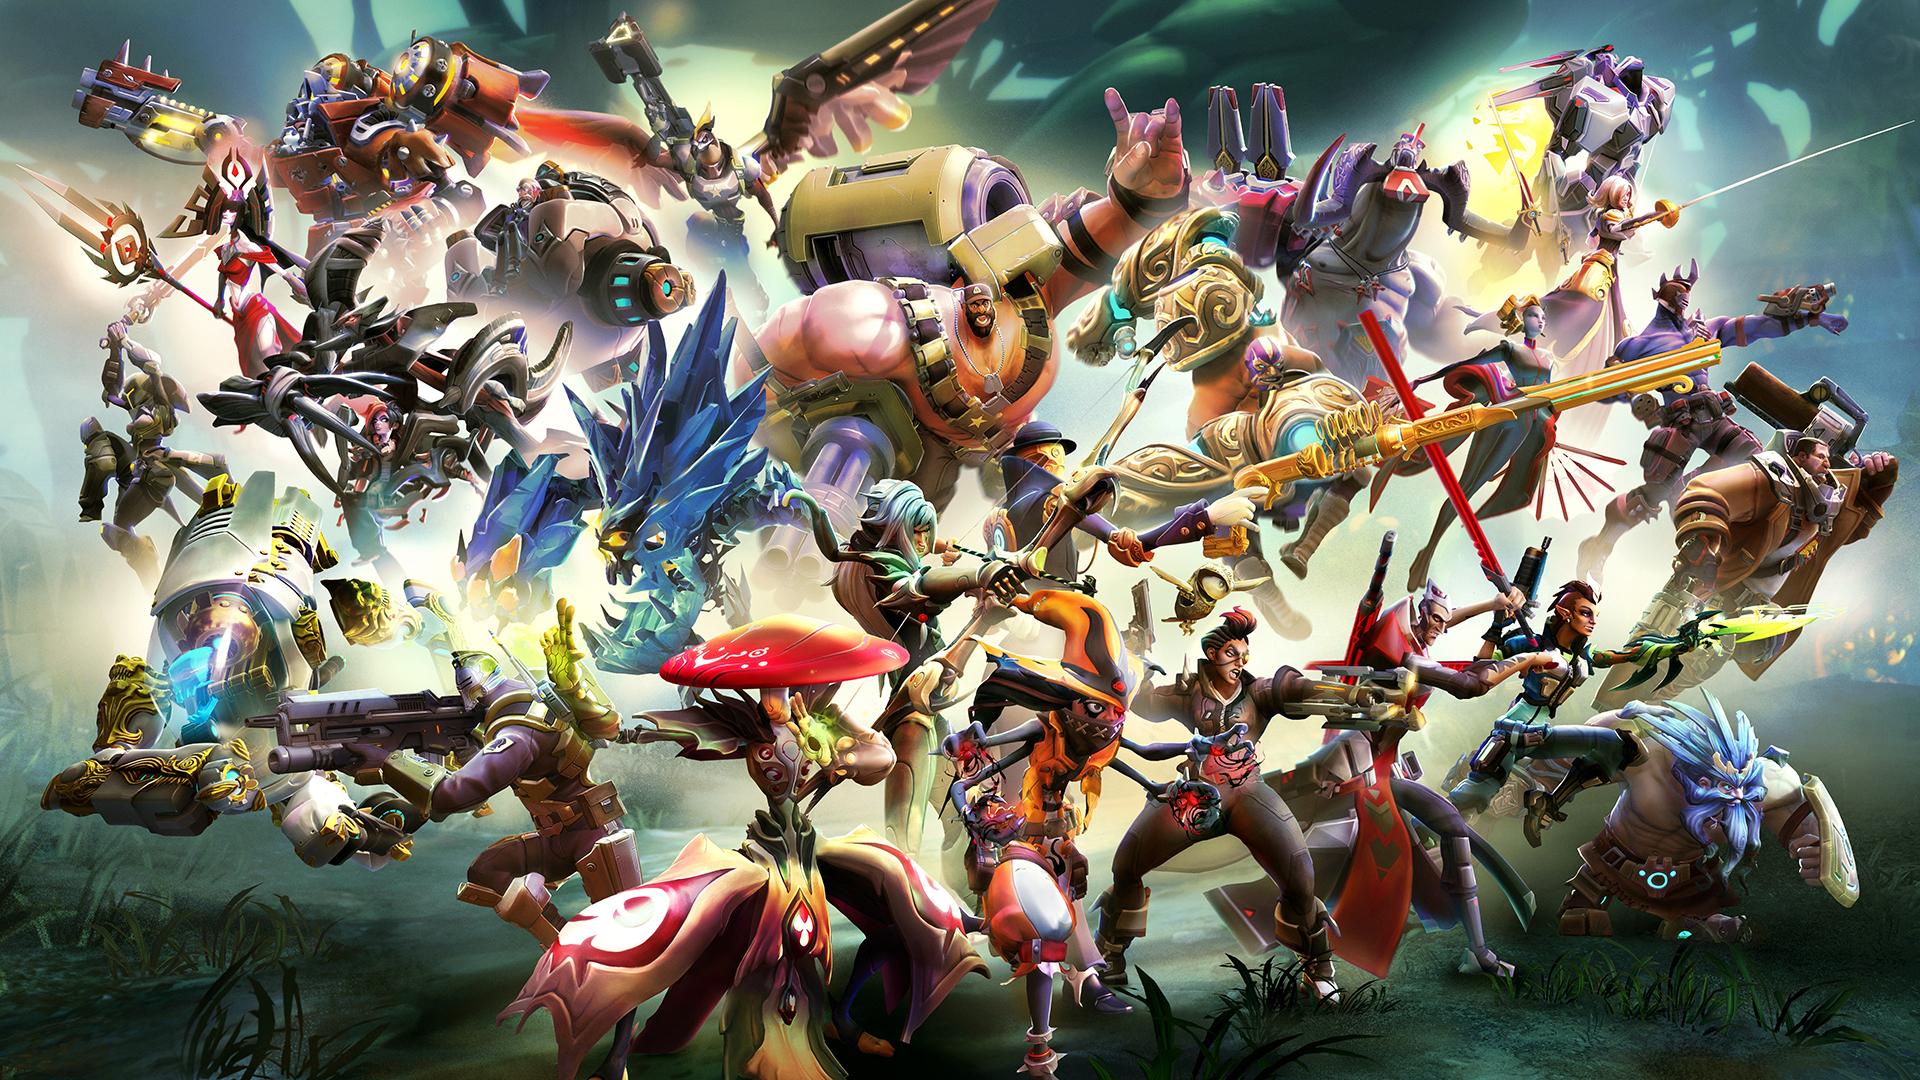 Battleborn Hd Wallpaper Battleborn Characters 1589298 Hd Wallpaper Backgrounds Download